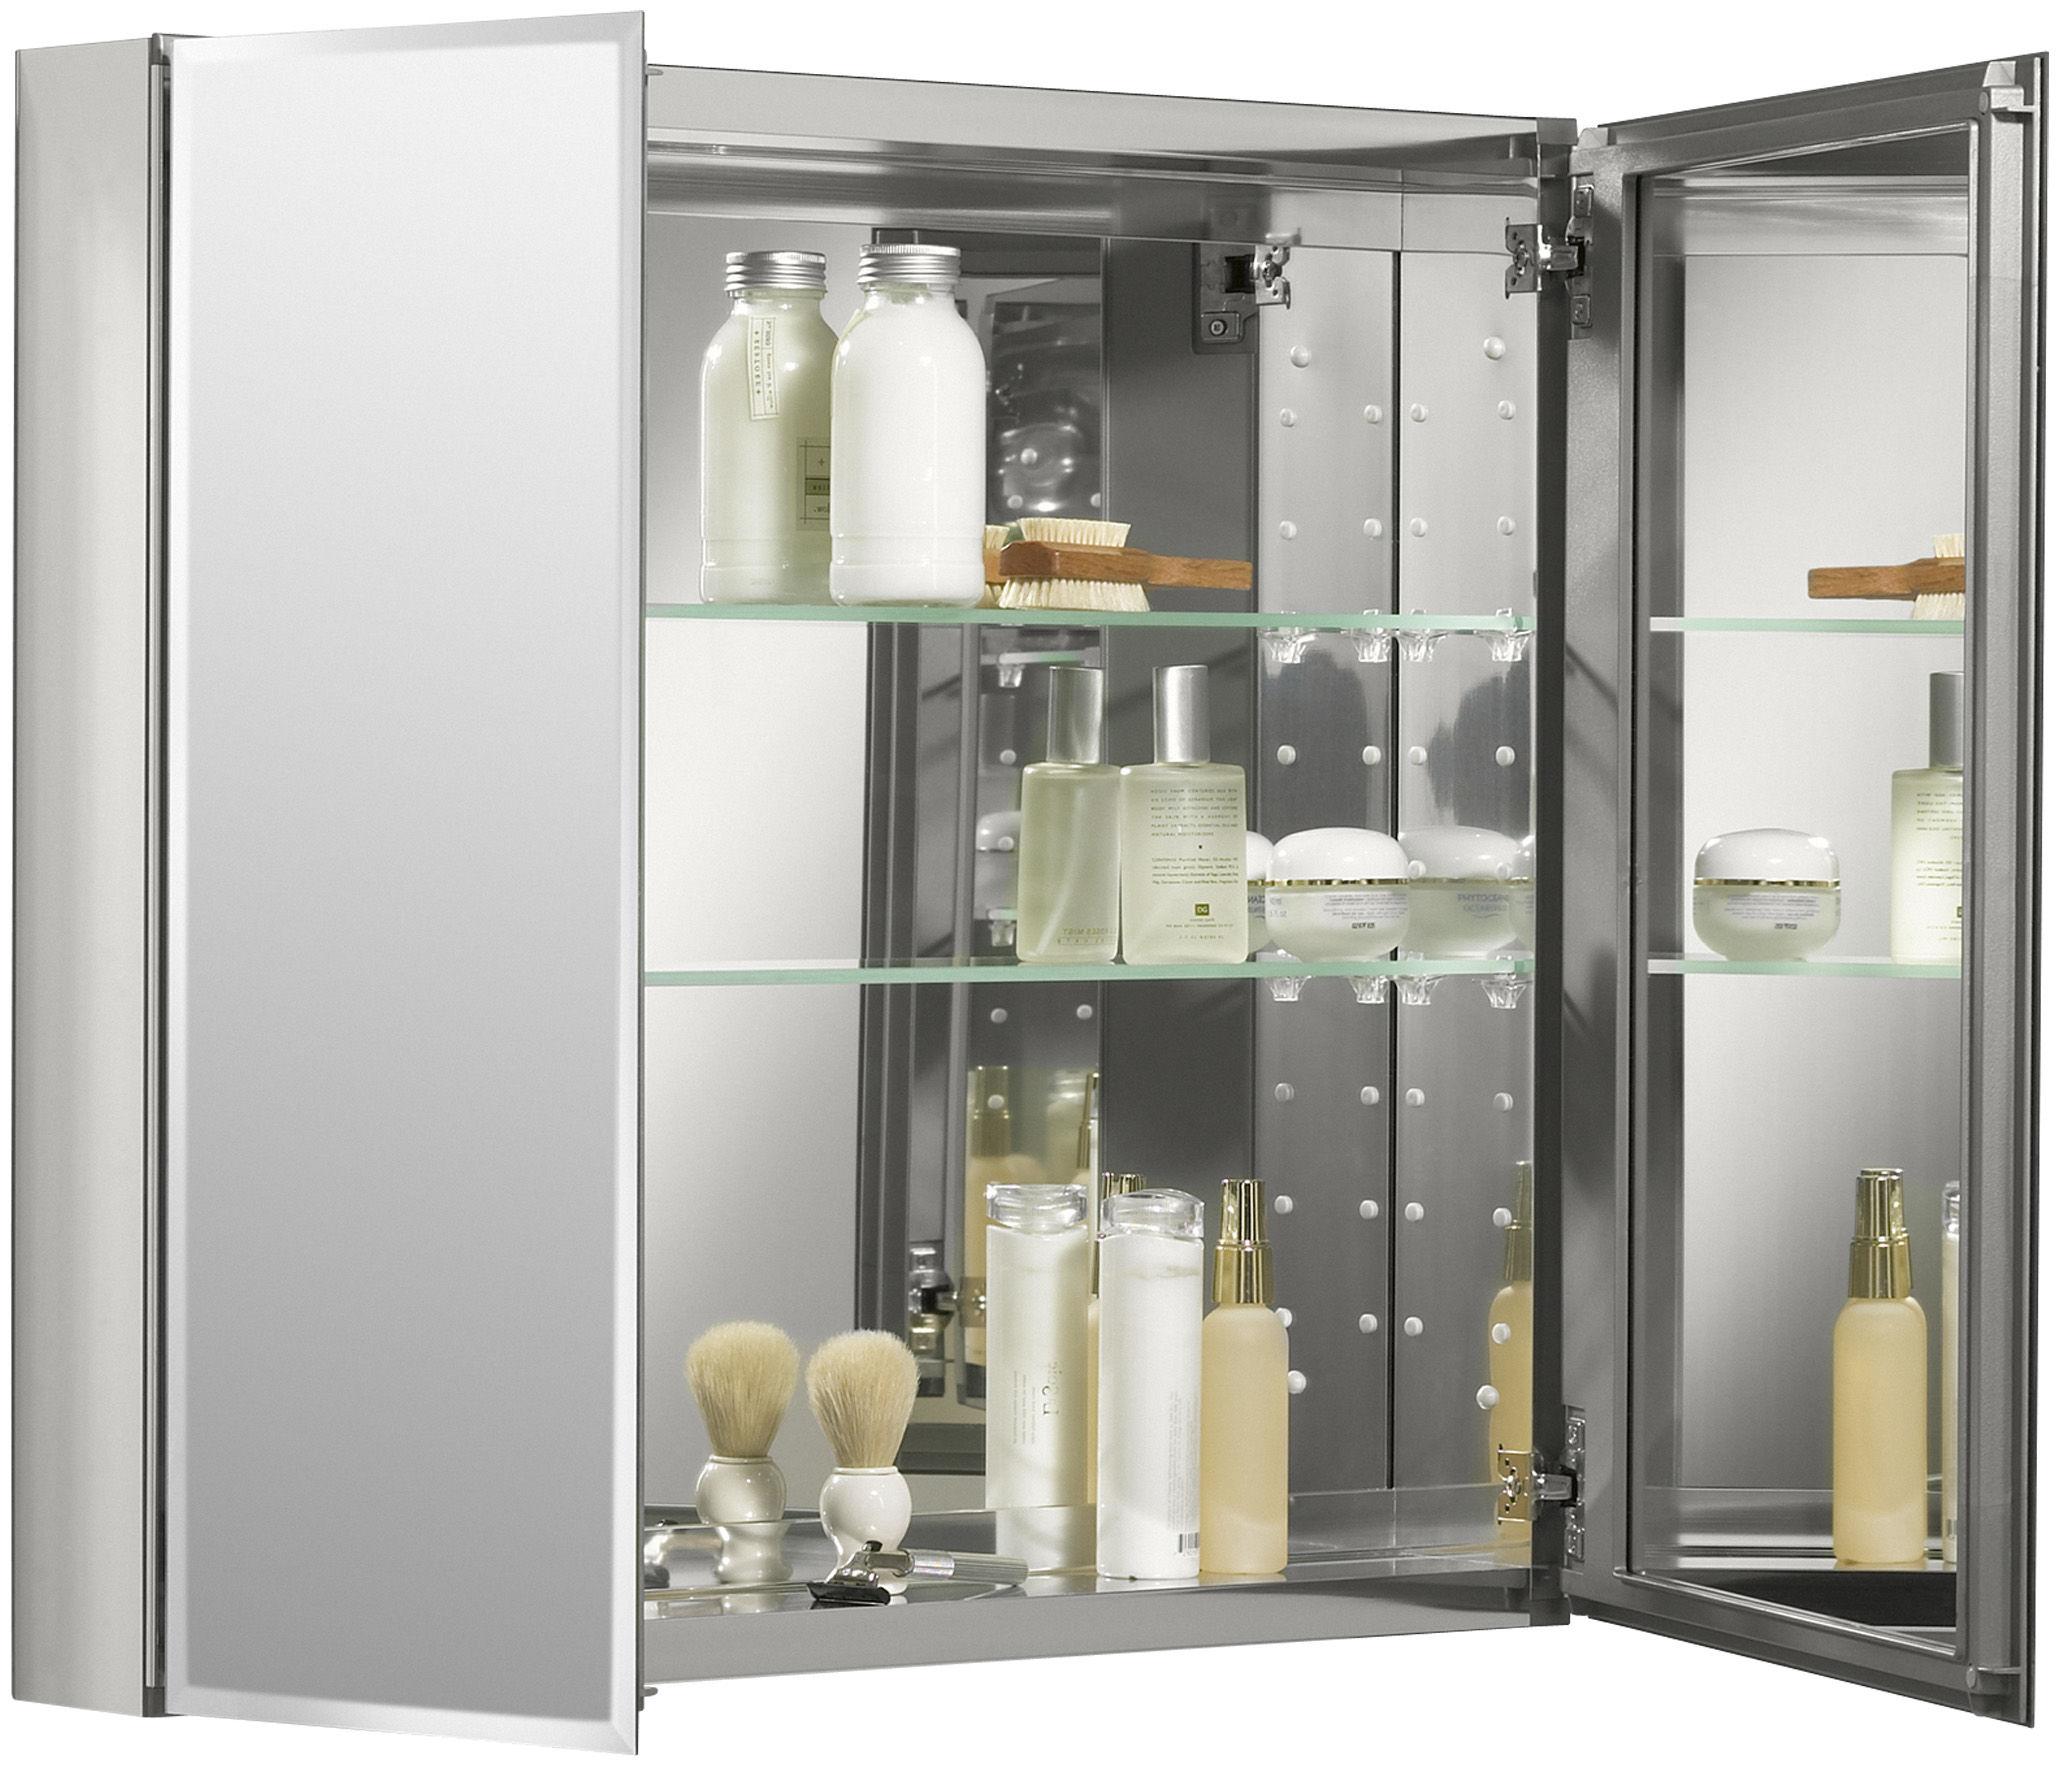 Kohler K Cb Clc3026fs Silver Aluminum 30 X 26 Double Door Reversible Hinge Frameless Mirrored Medicine Cabinet Faucet